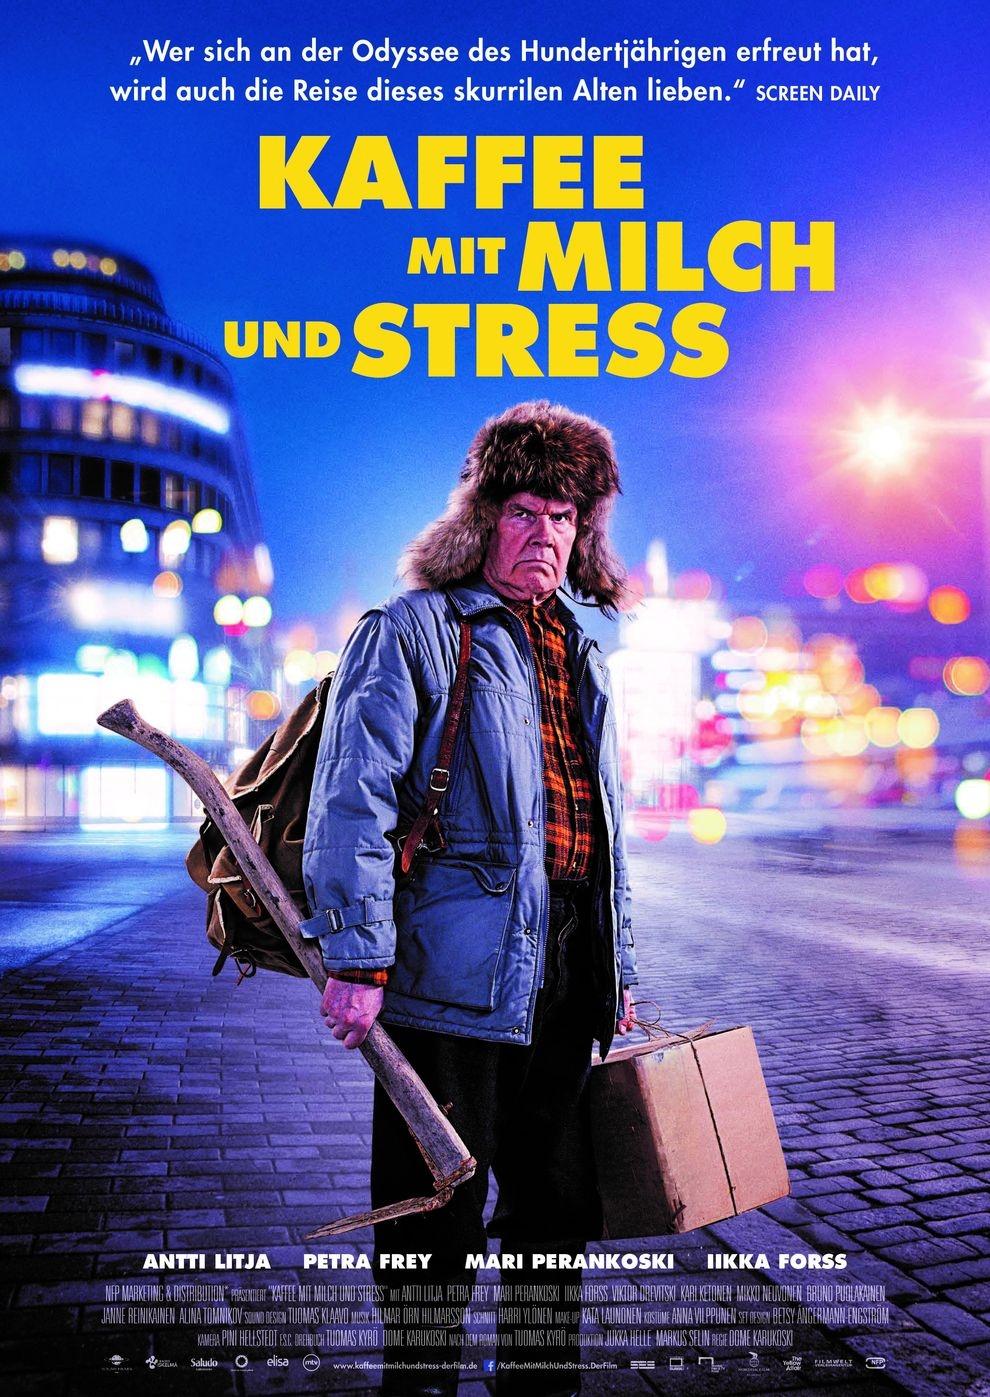 Kaffee mit Milch und Stress (Poster)